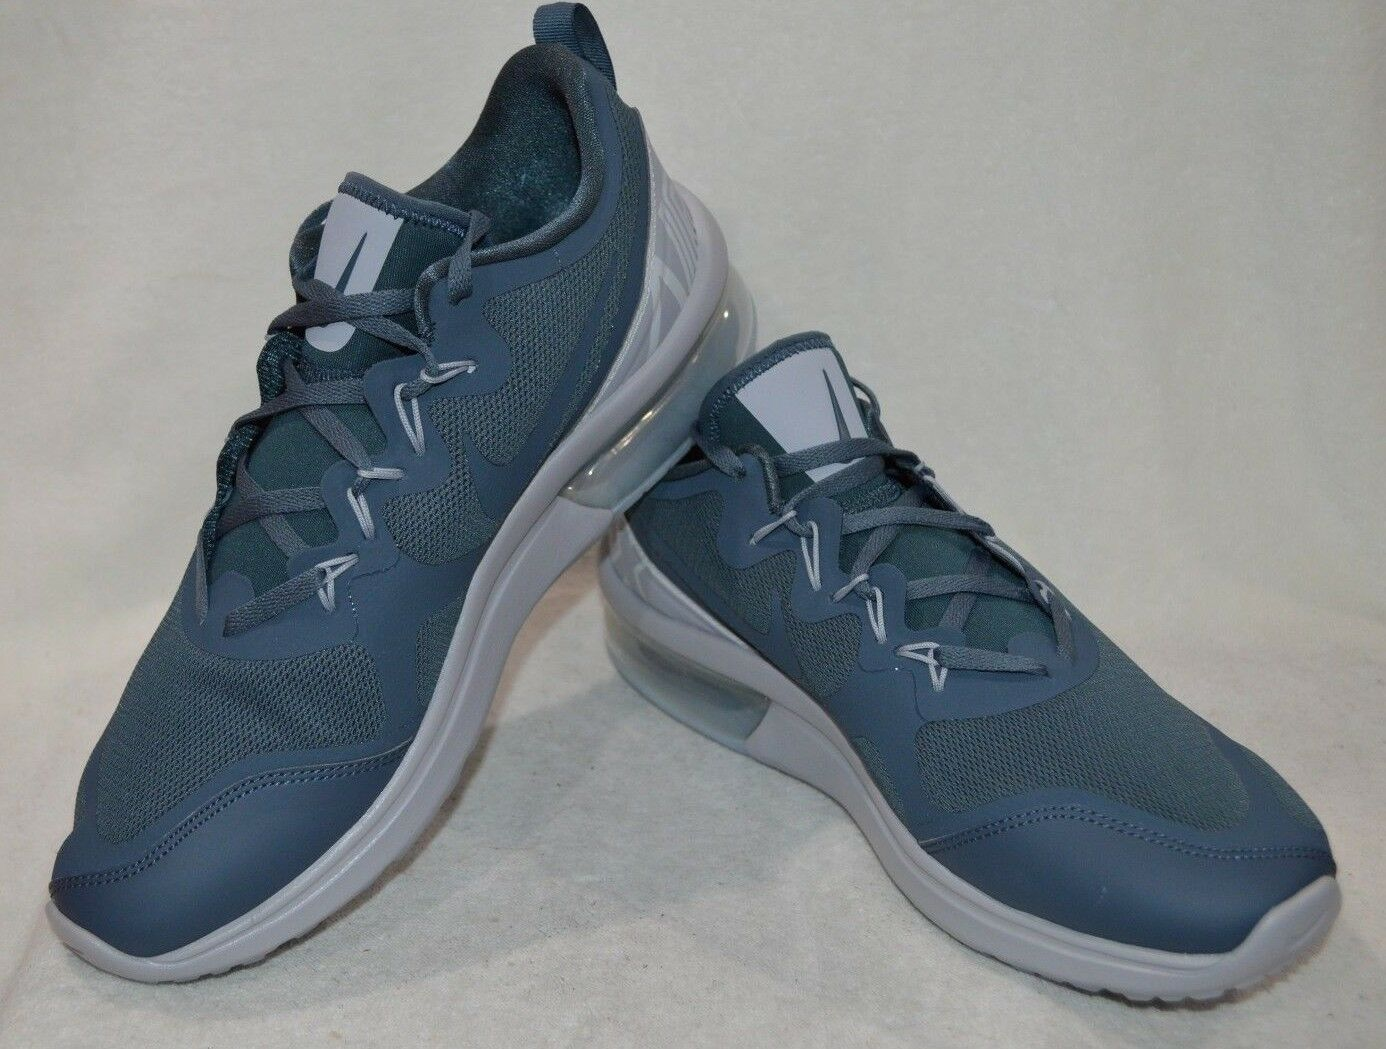 Nike Air Hommes Max Fury Bleu Fox/Platinum Hommes Air Running Chaussures -Asst b73f92